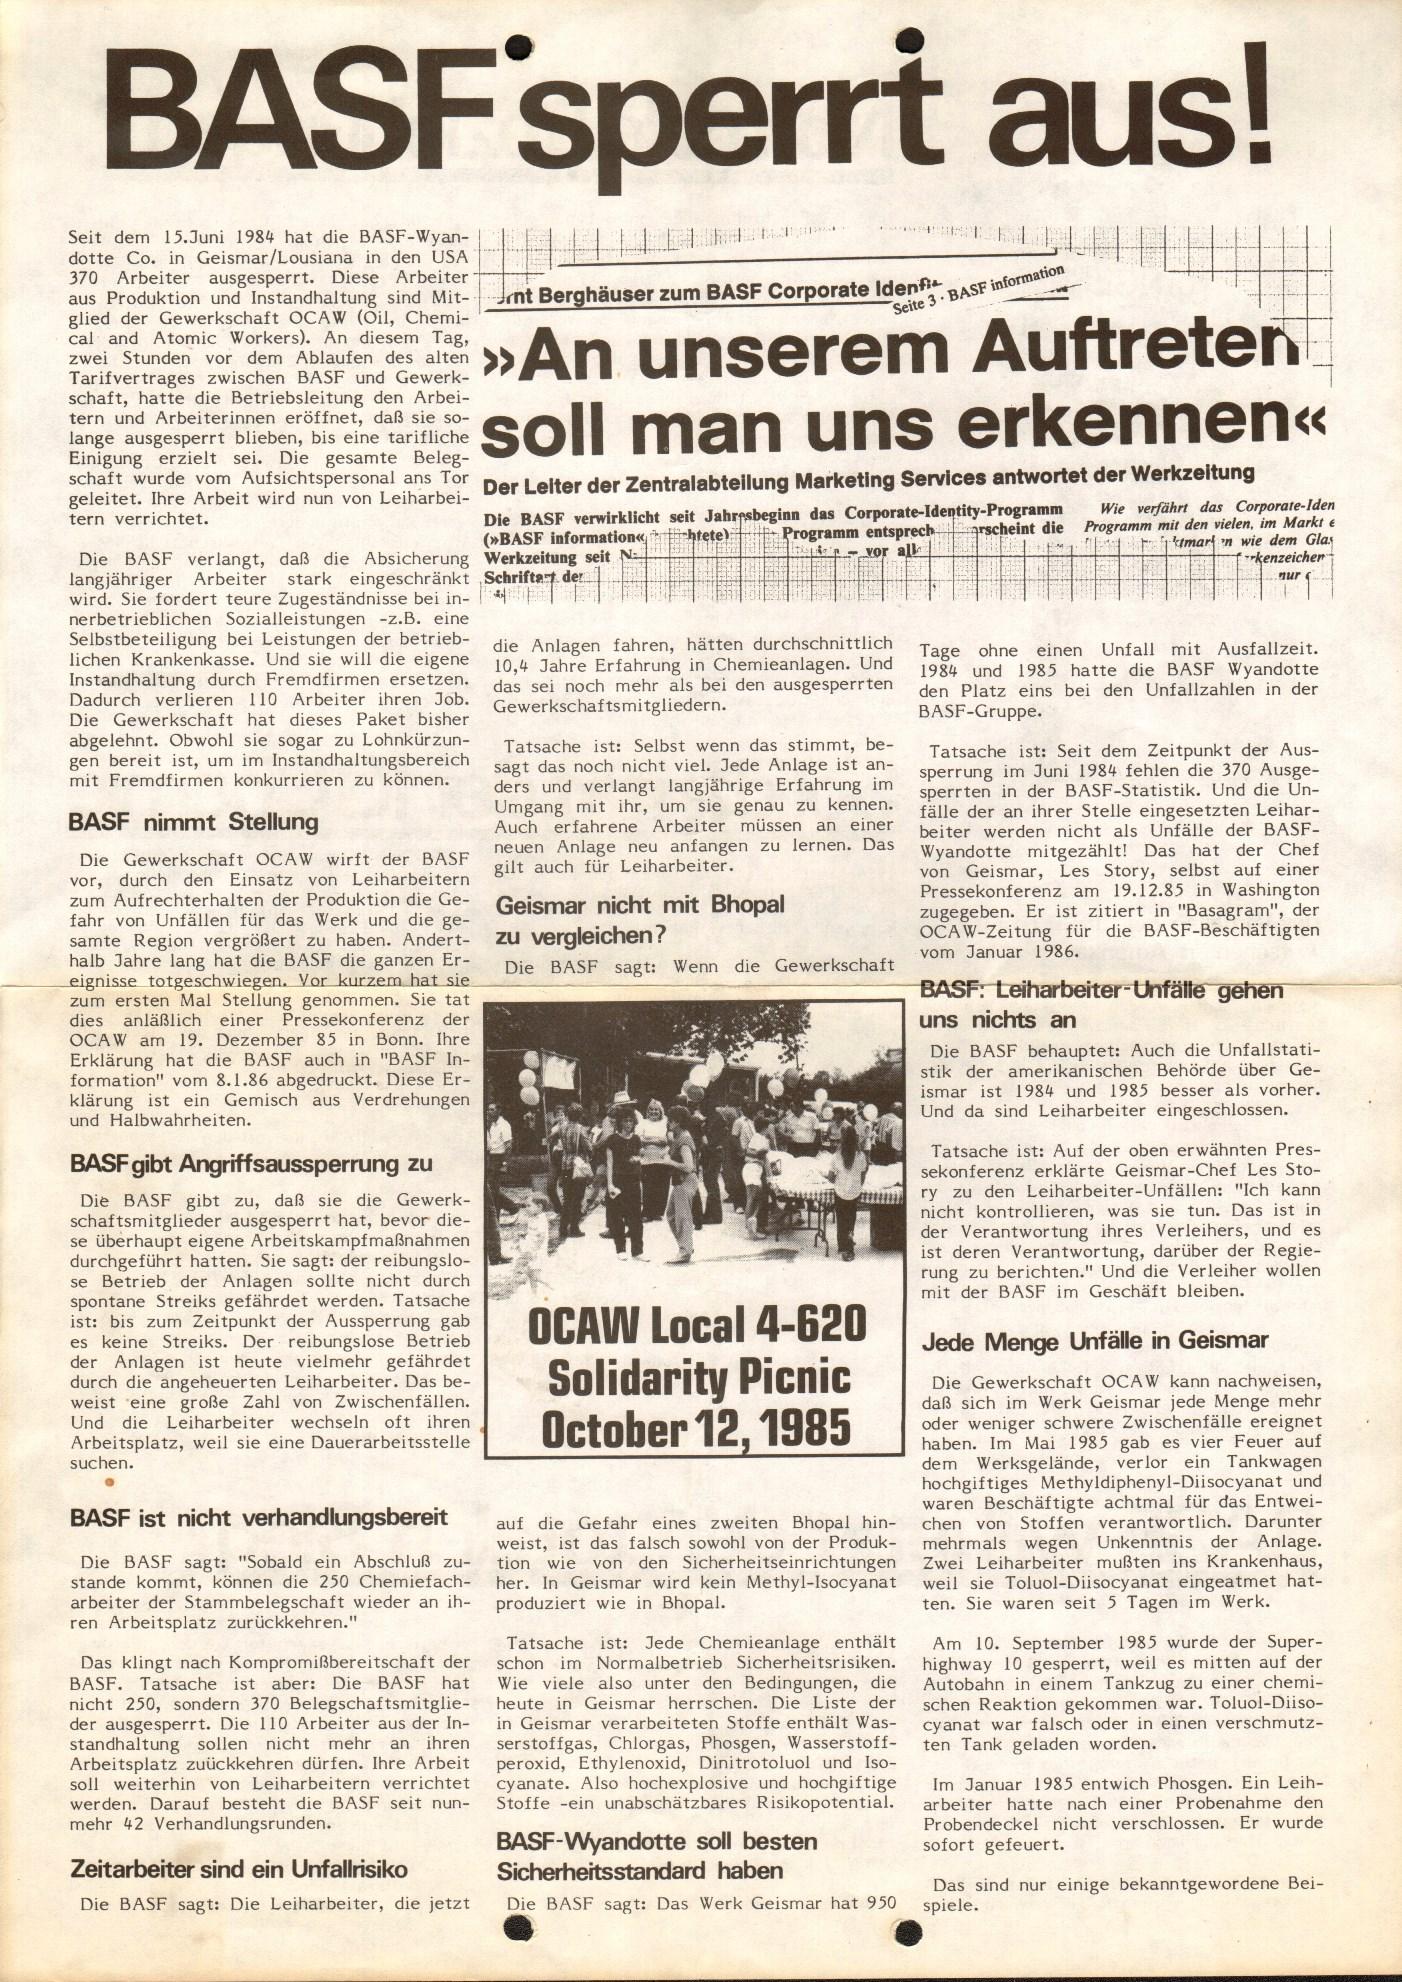 USA_BASF_Aussperrung_in_Geismar_1986_1_01